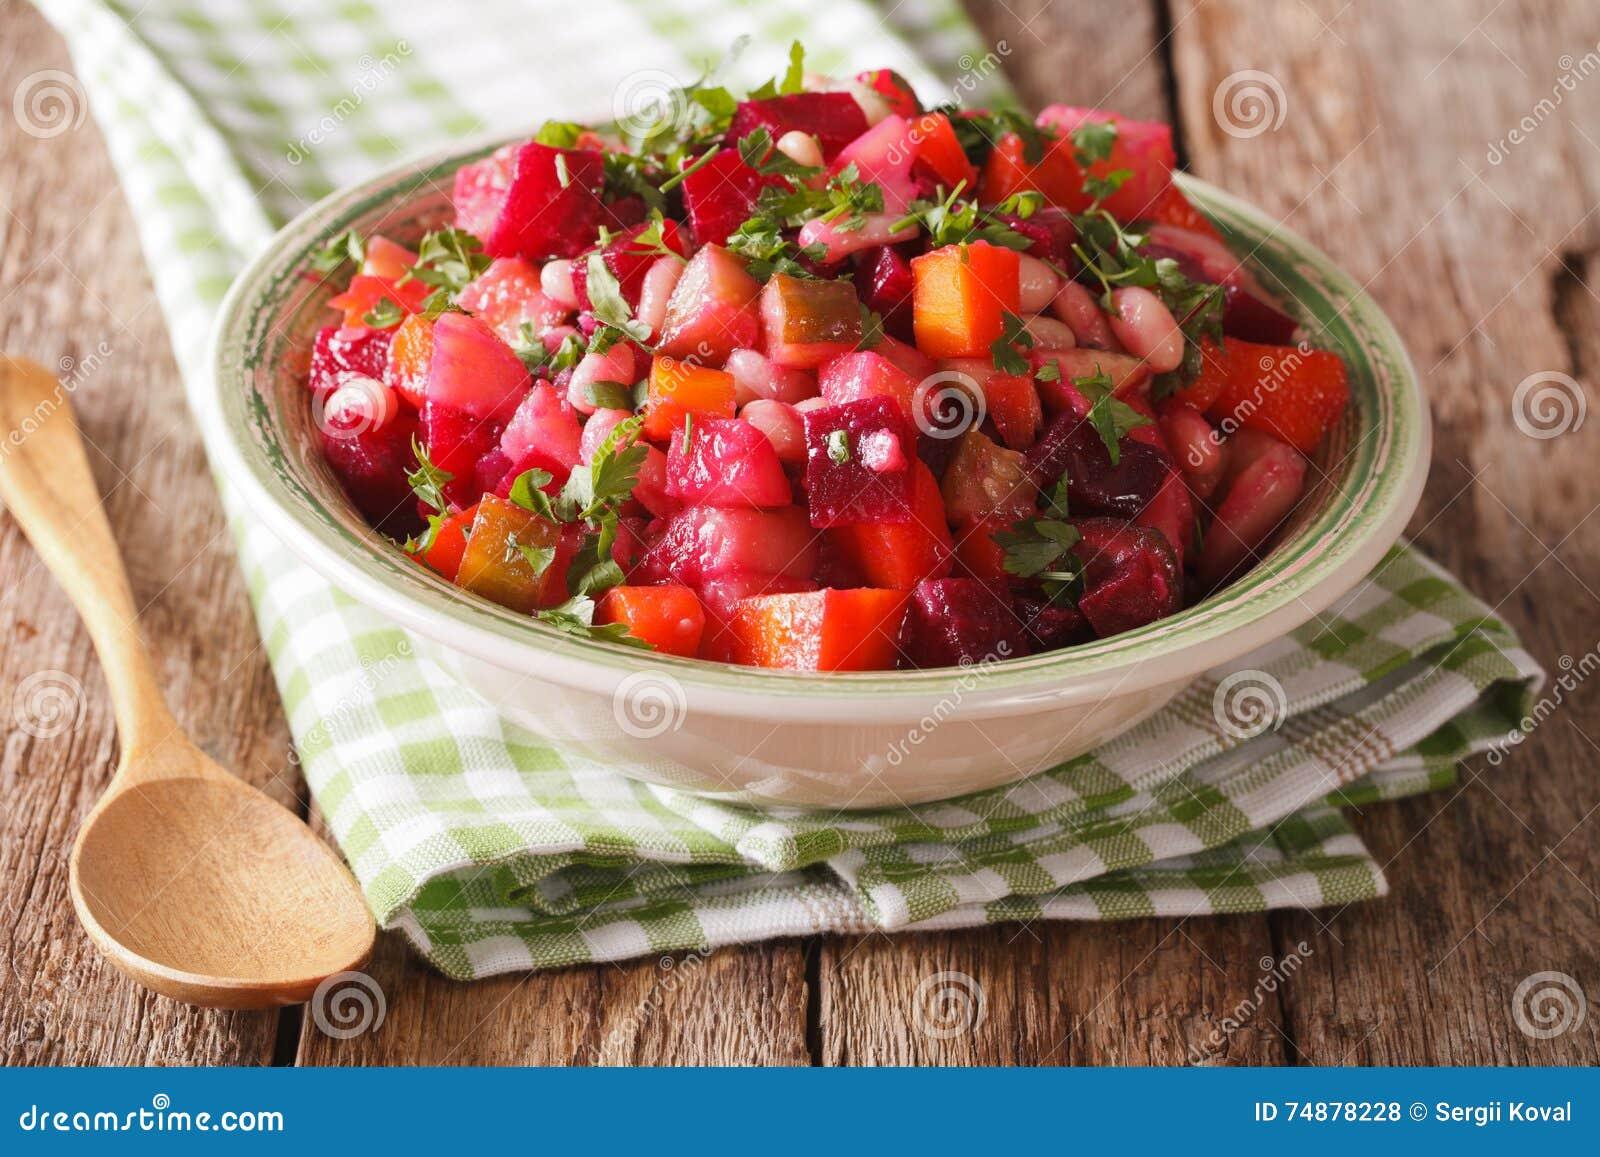 Σπιτικός ρωσικός φυτικός στενός επάνω σαλάτας οριζόντιος